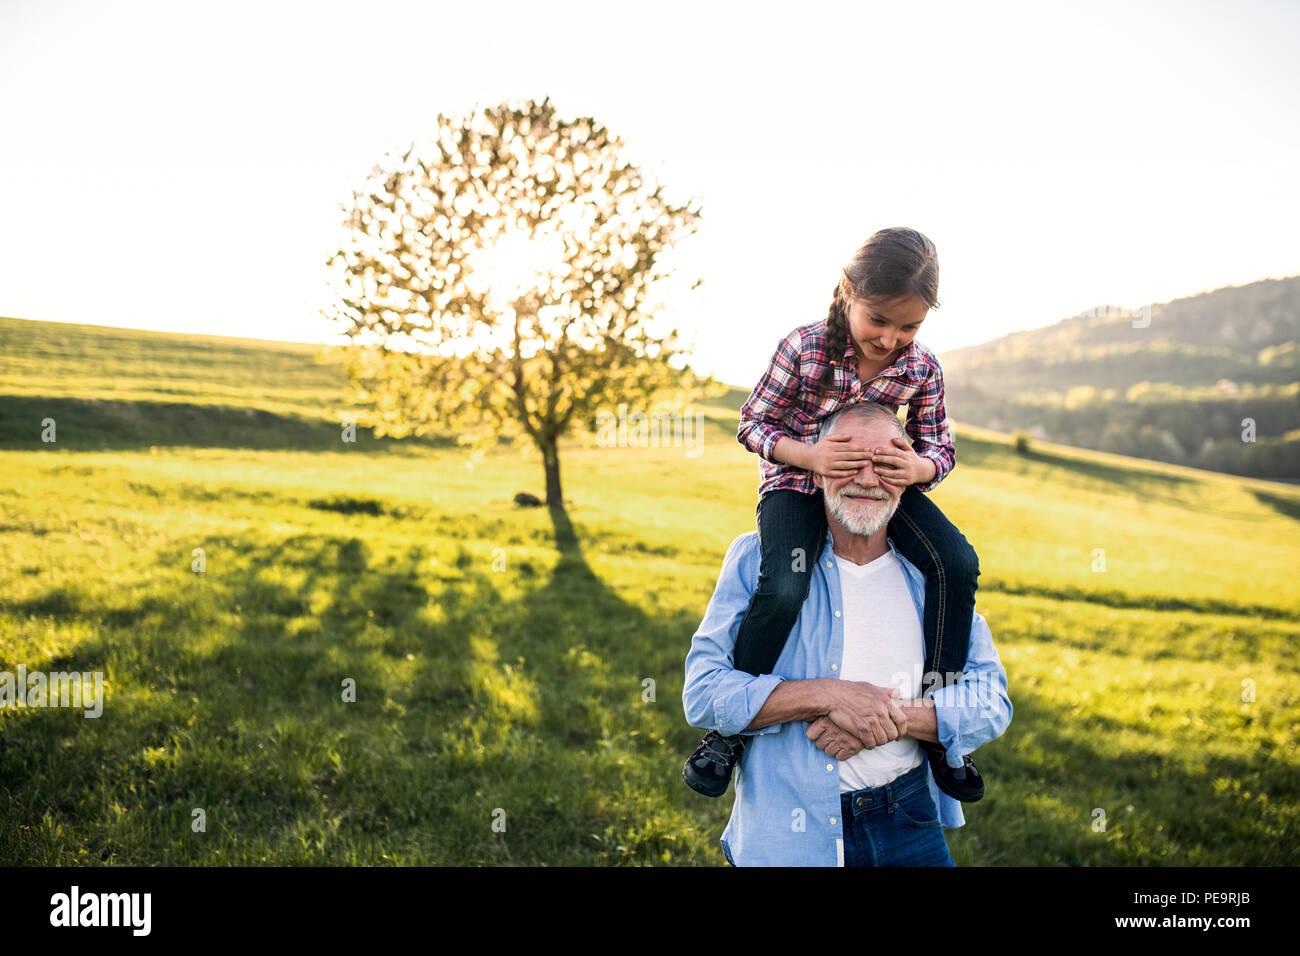 Un anciano abuelo dando un pequeño paseo a cuestas la nieta de la naturaleza. Imagen De Stock